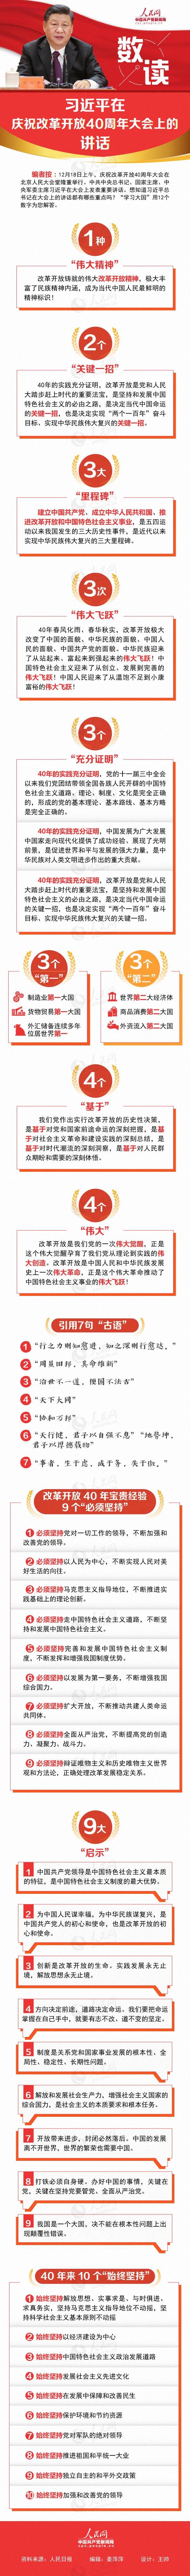 """""""数读""""习近平在庆祝改革开放40周年大会上的讲话"""